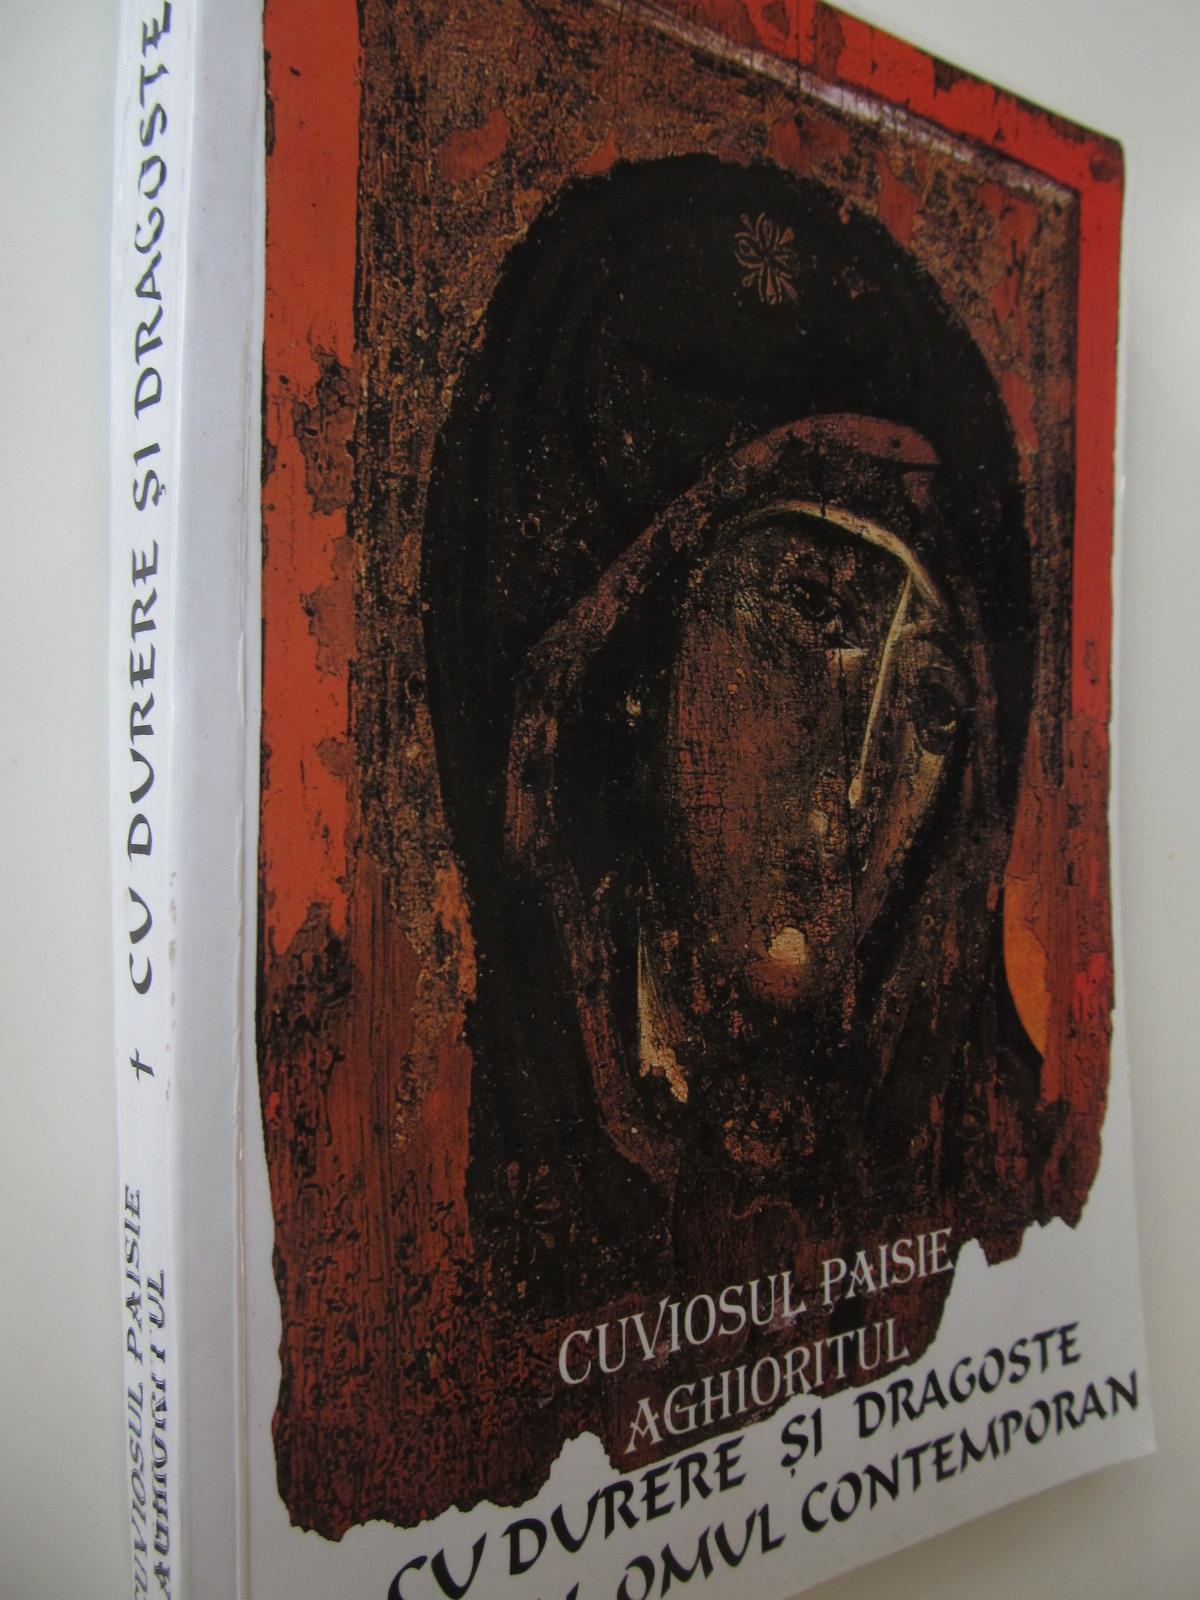 Cu durere si dragoste pentru omul contemporan - Cuviosul Paisie Aghioritul | Detalii carte